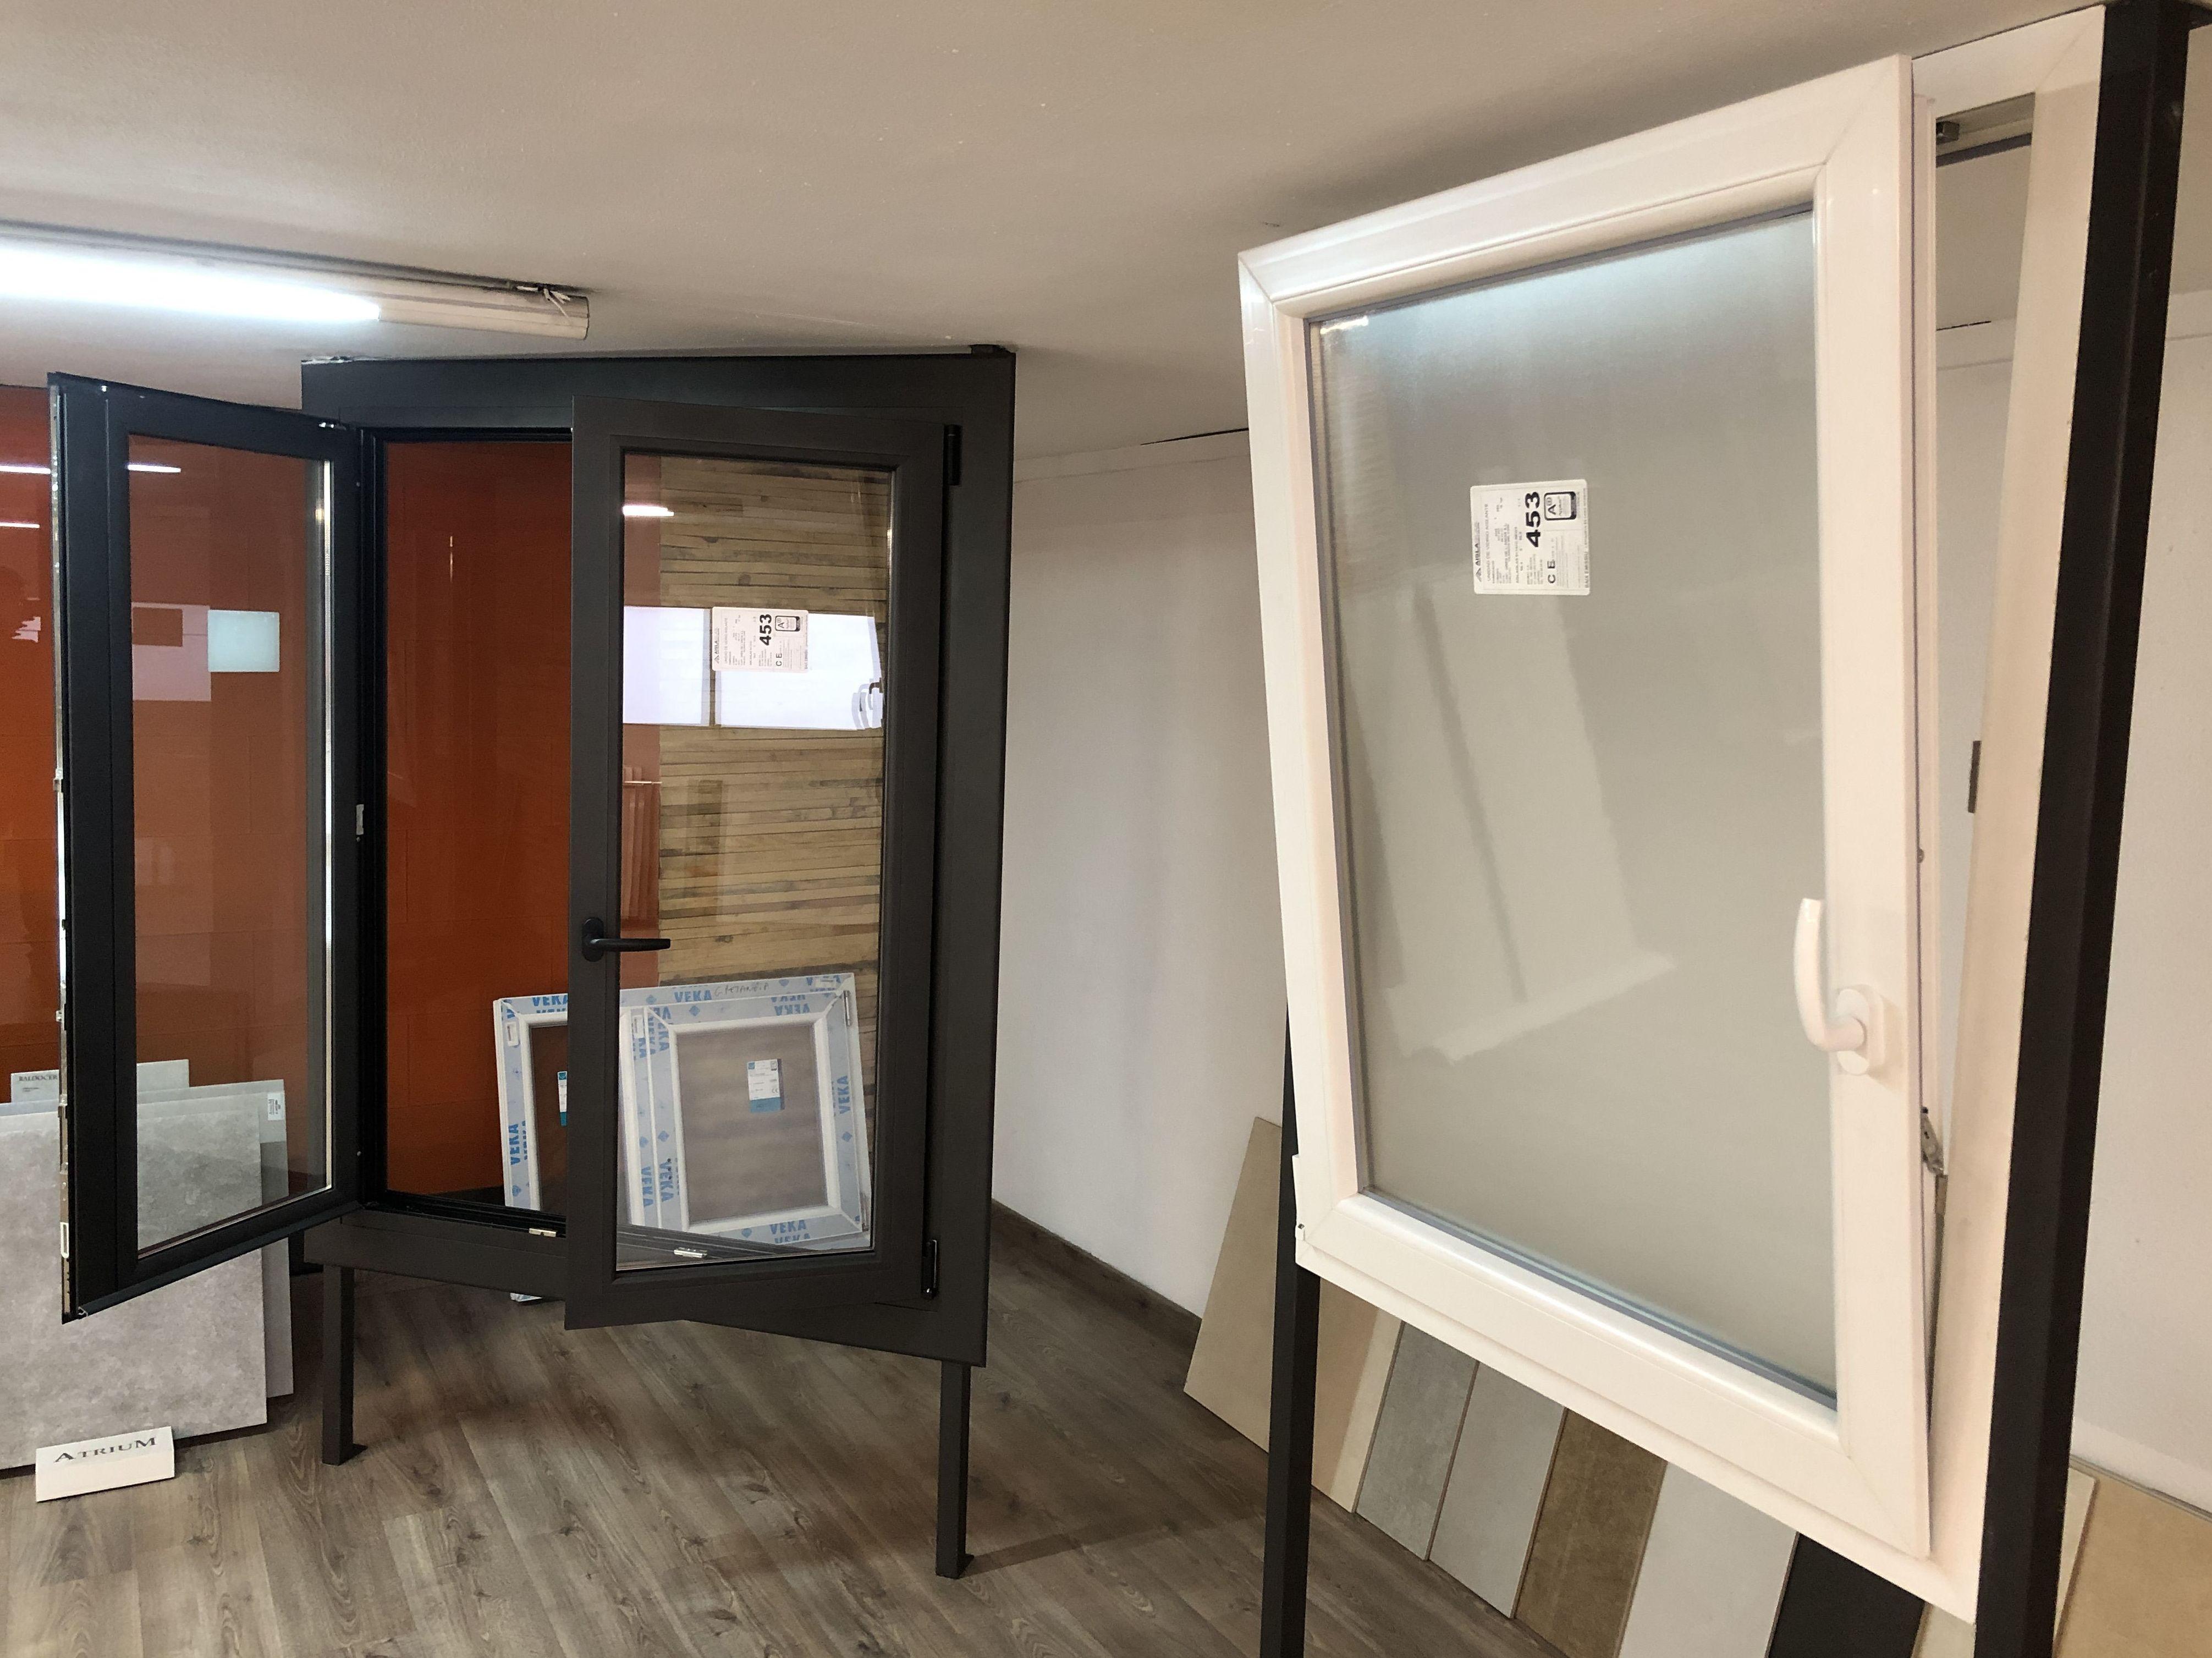 Muestras de ventanas en nuestra tienda: Productos  de Gres de l'Anoia